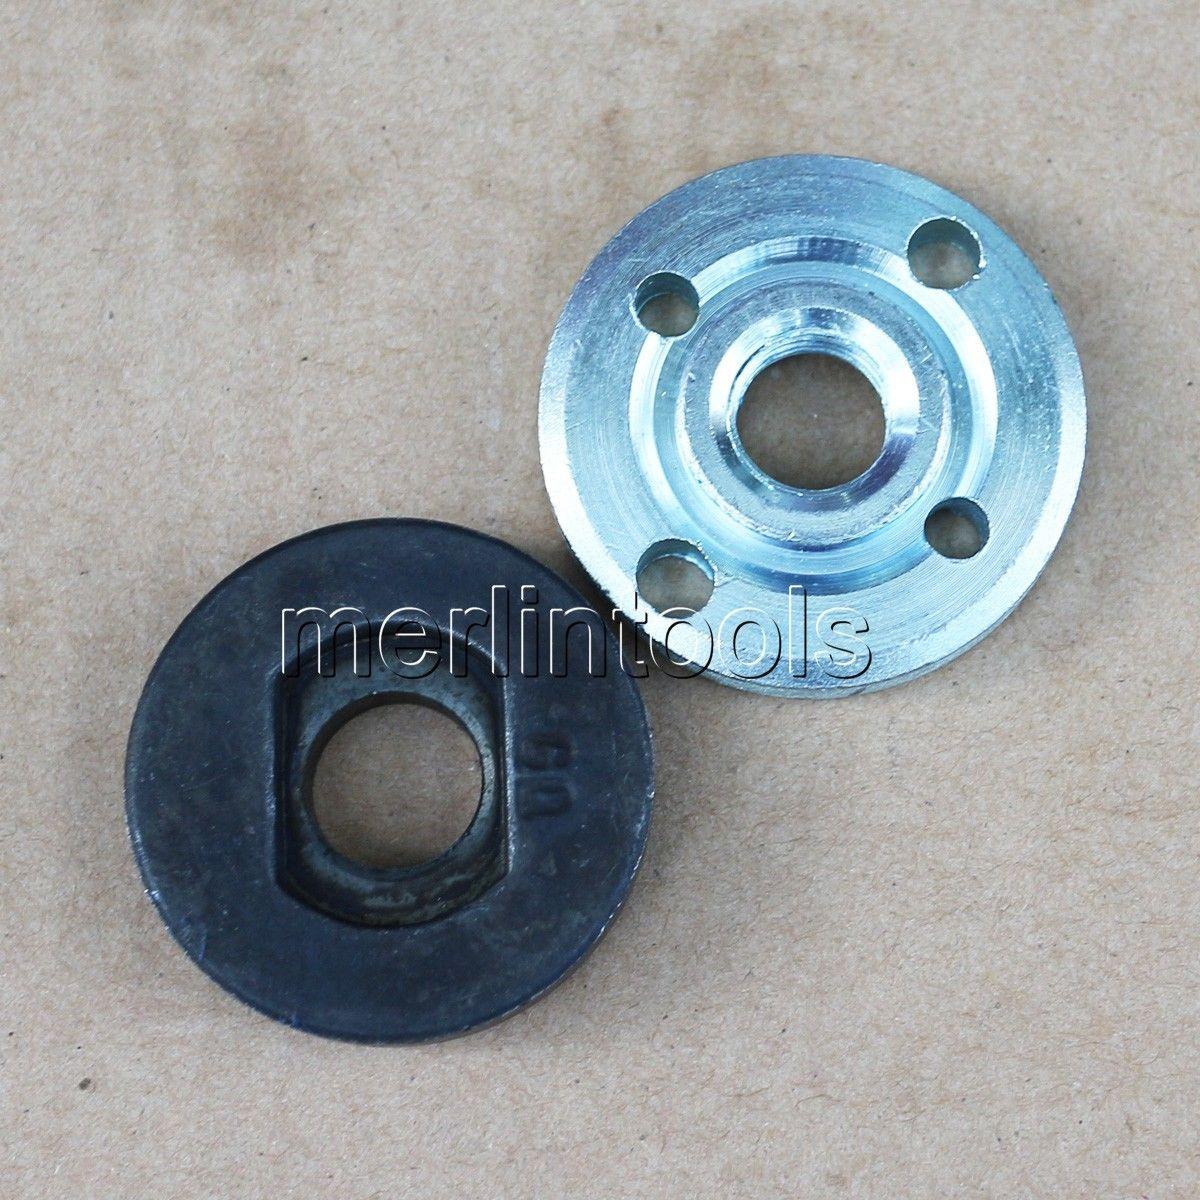 HITACHI 180 Lock Nut &amp; Grinder Flange Nut Kit<br><br>Aliexpress